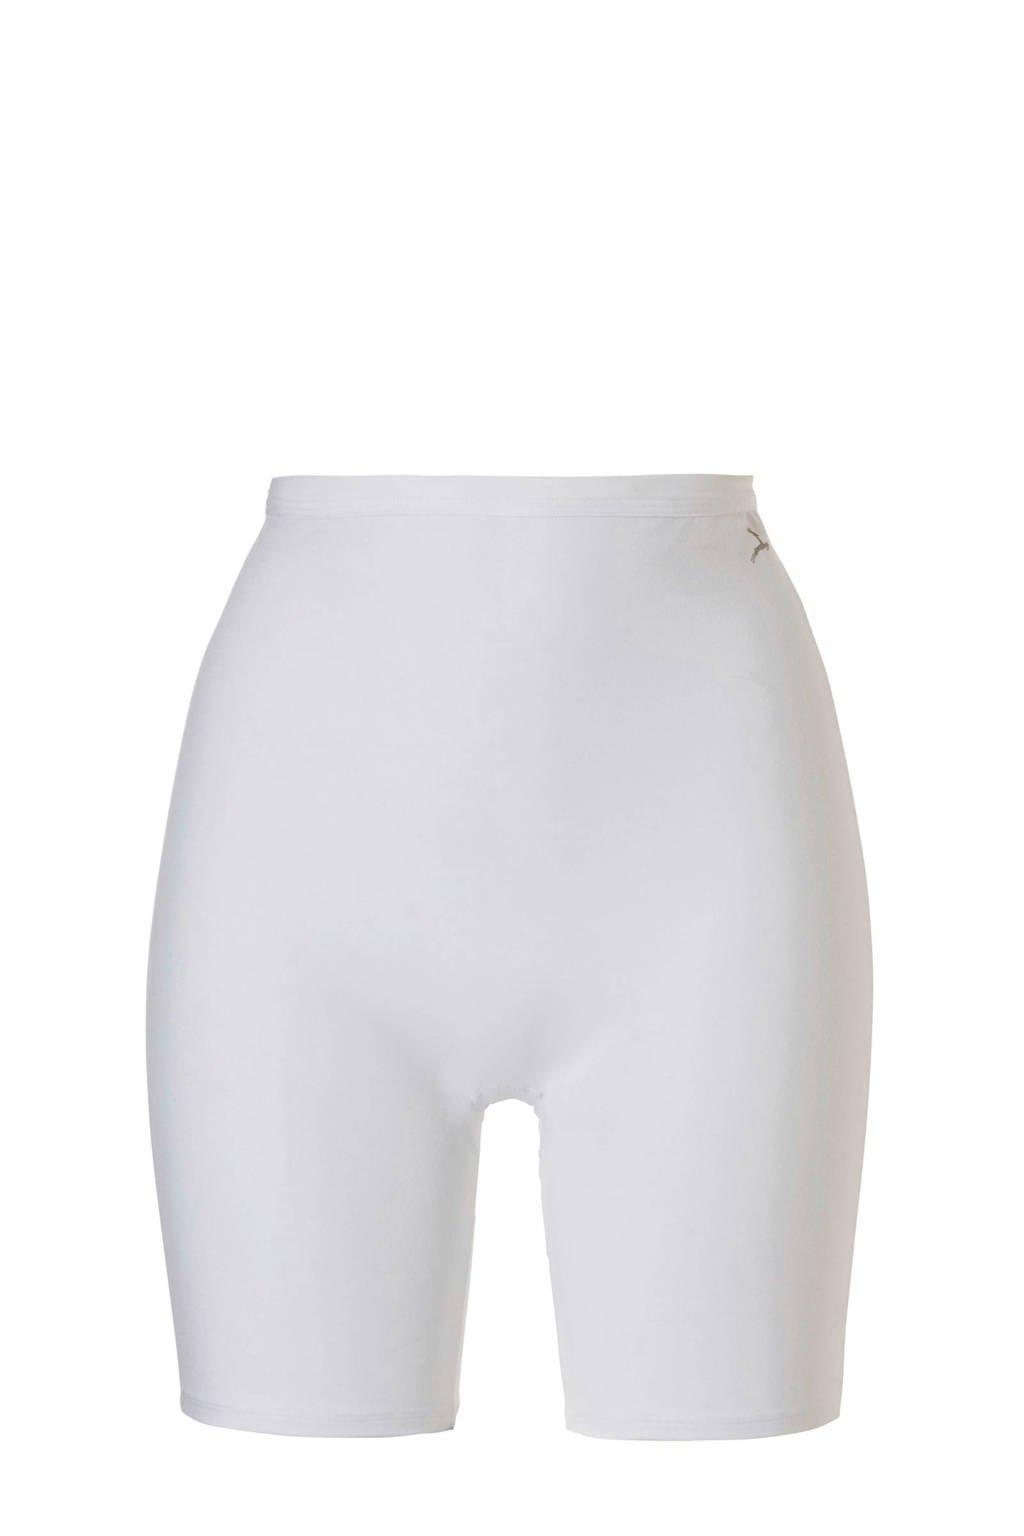 ten Cate Cotton Contour corrigerende short wit, Wit